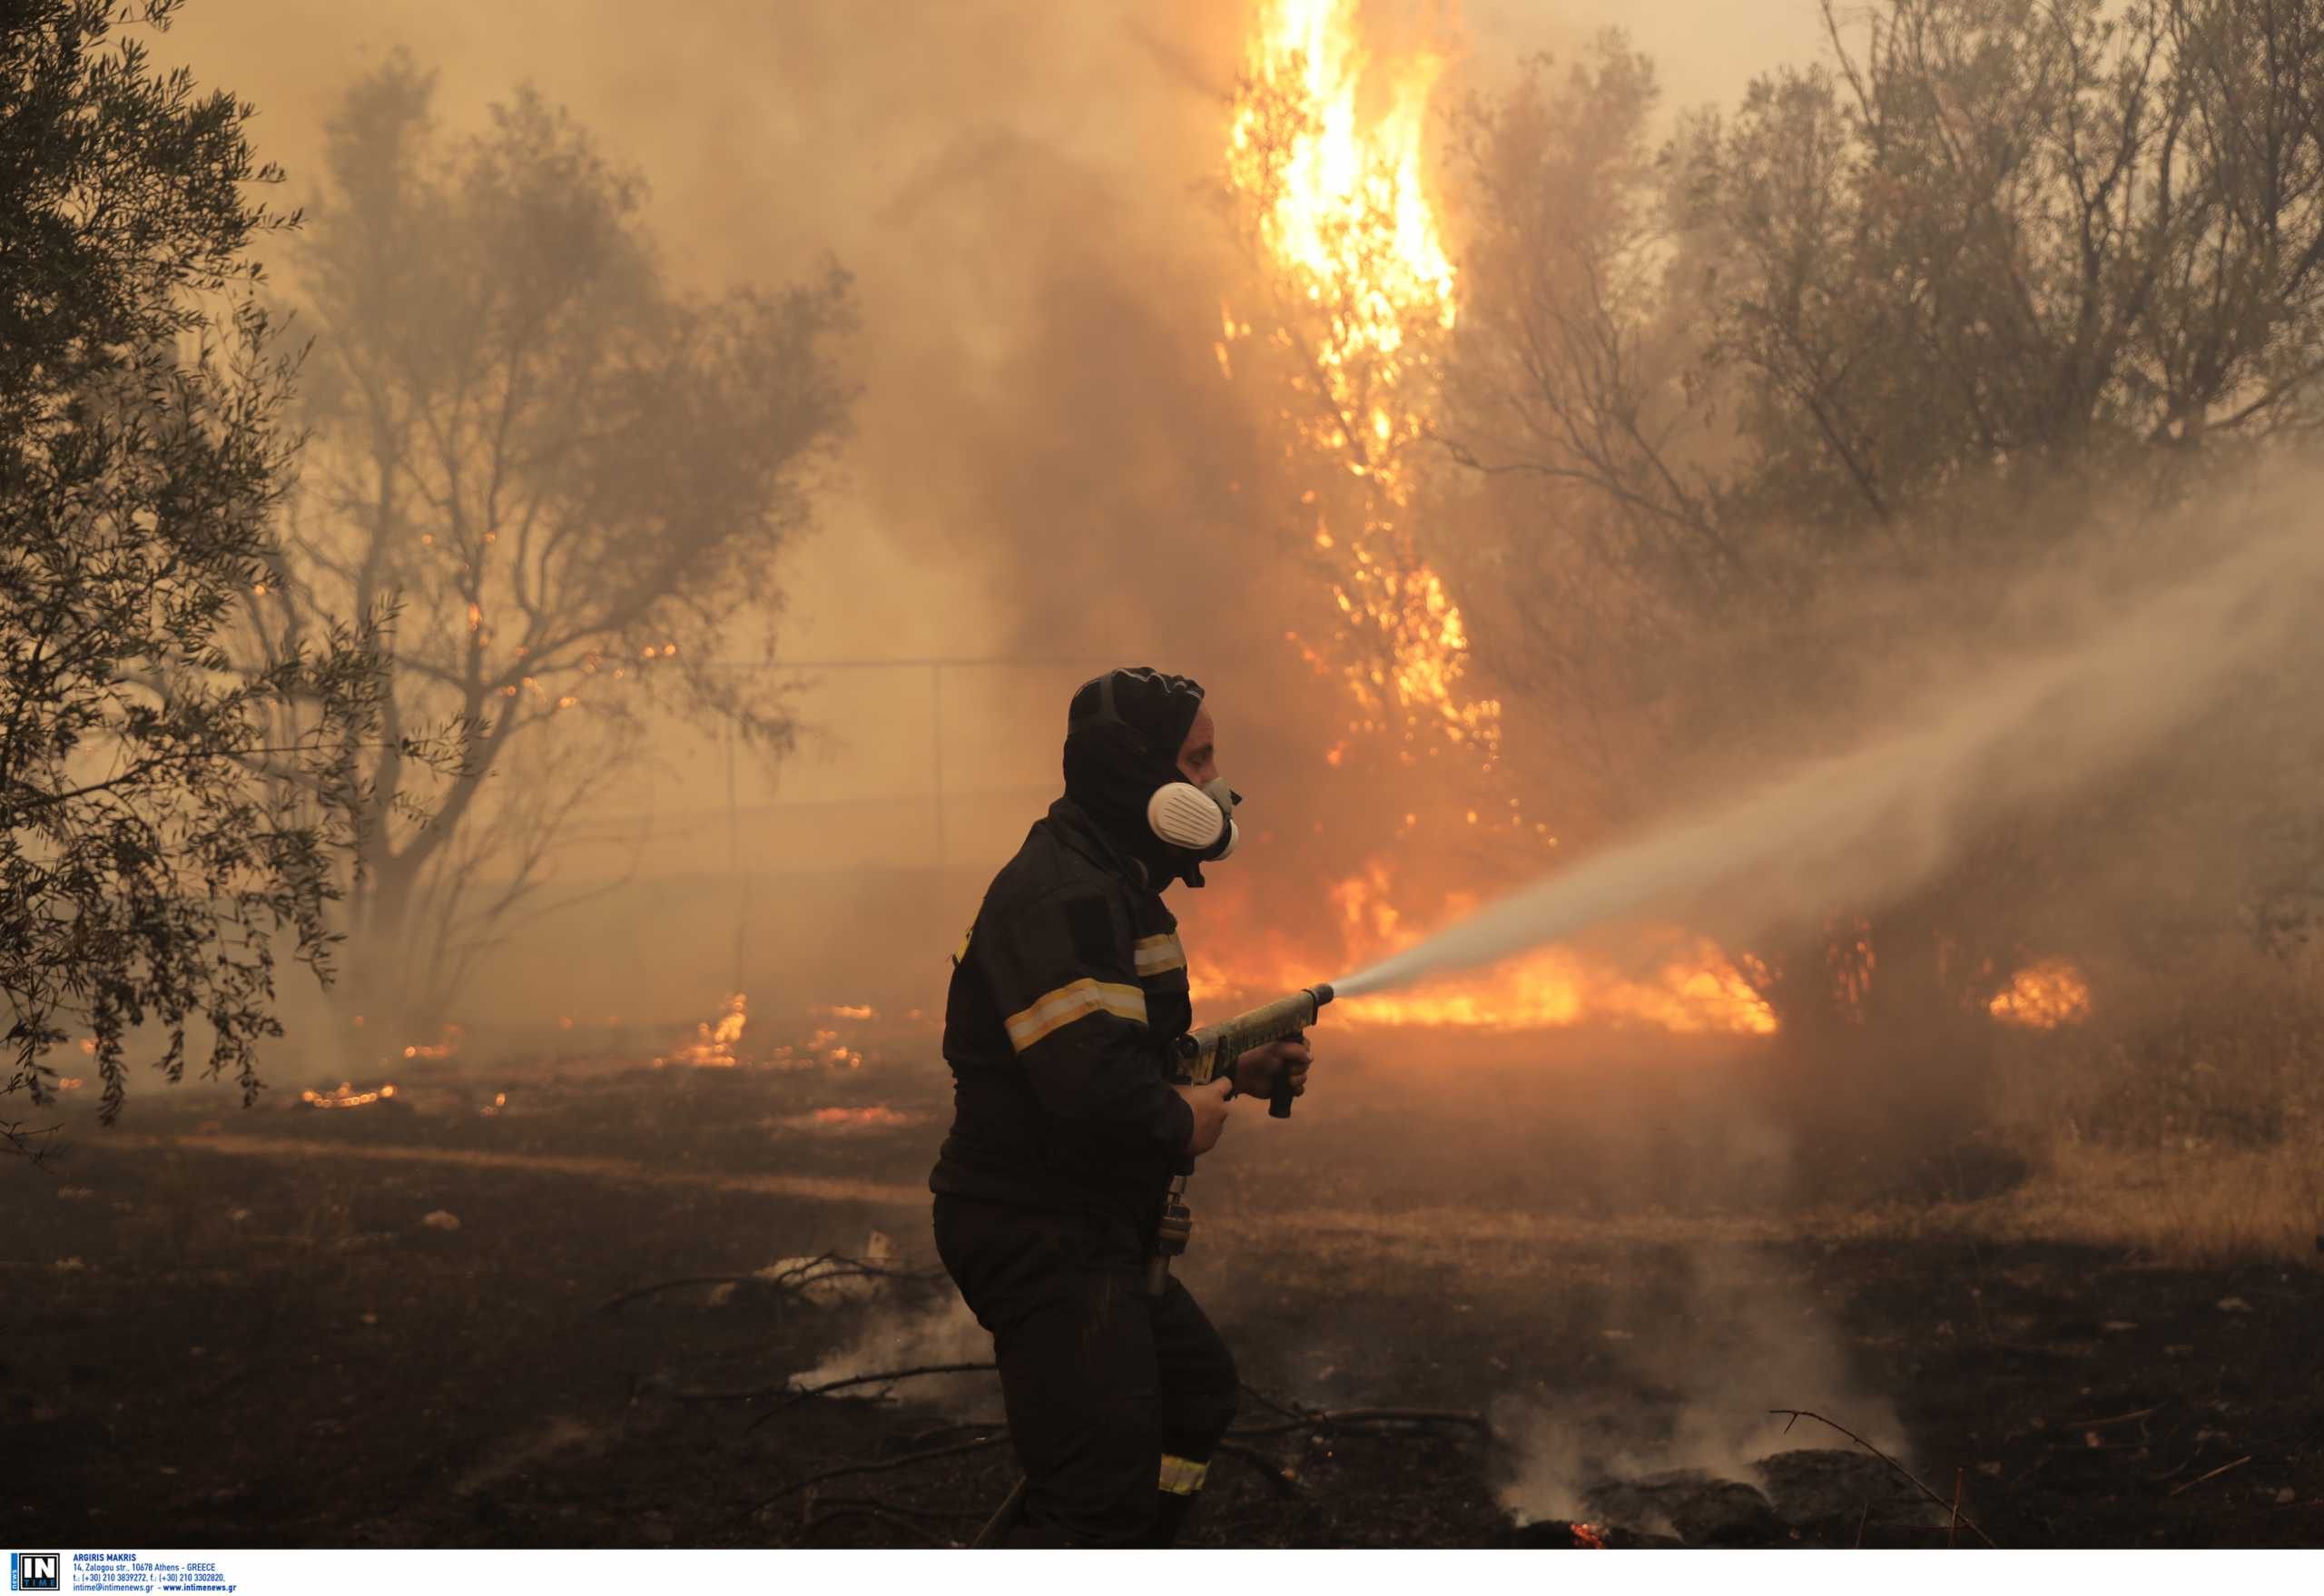 Υπόνοιες για οργανωμένο σχέδιο εμπρησμών πίσω από φωτιές – Τα μέτρα για τους πληγέντες